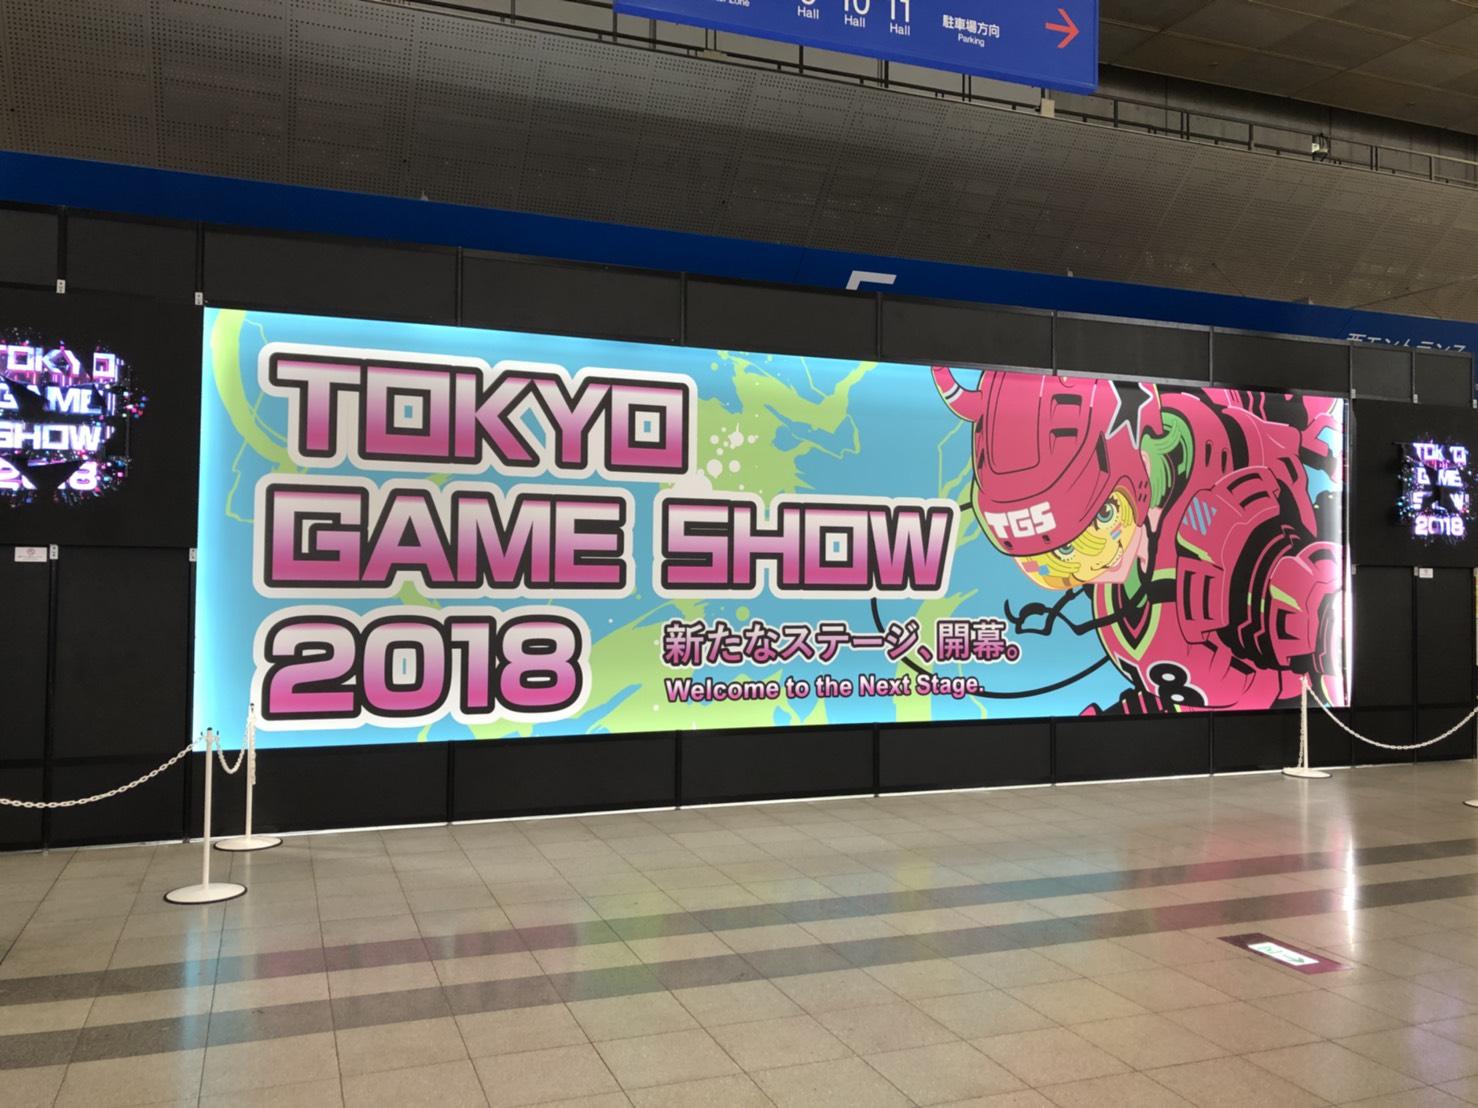 【TGS2018 速報レポート】FGO, 艦これ,FF,ストIVの人気コスプレイヤーも登場! / Highlight from TOKYO GAME SHOW 2018 – Part 2 –